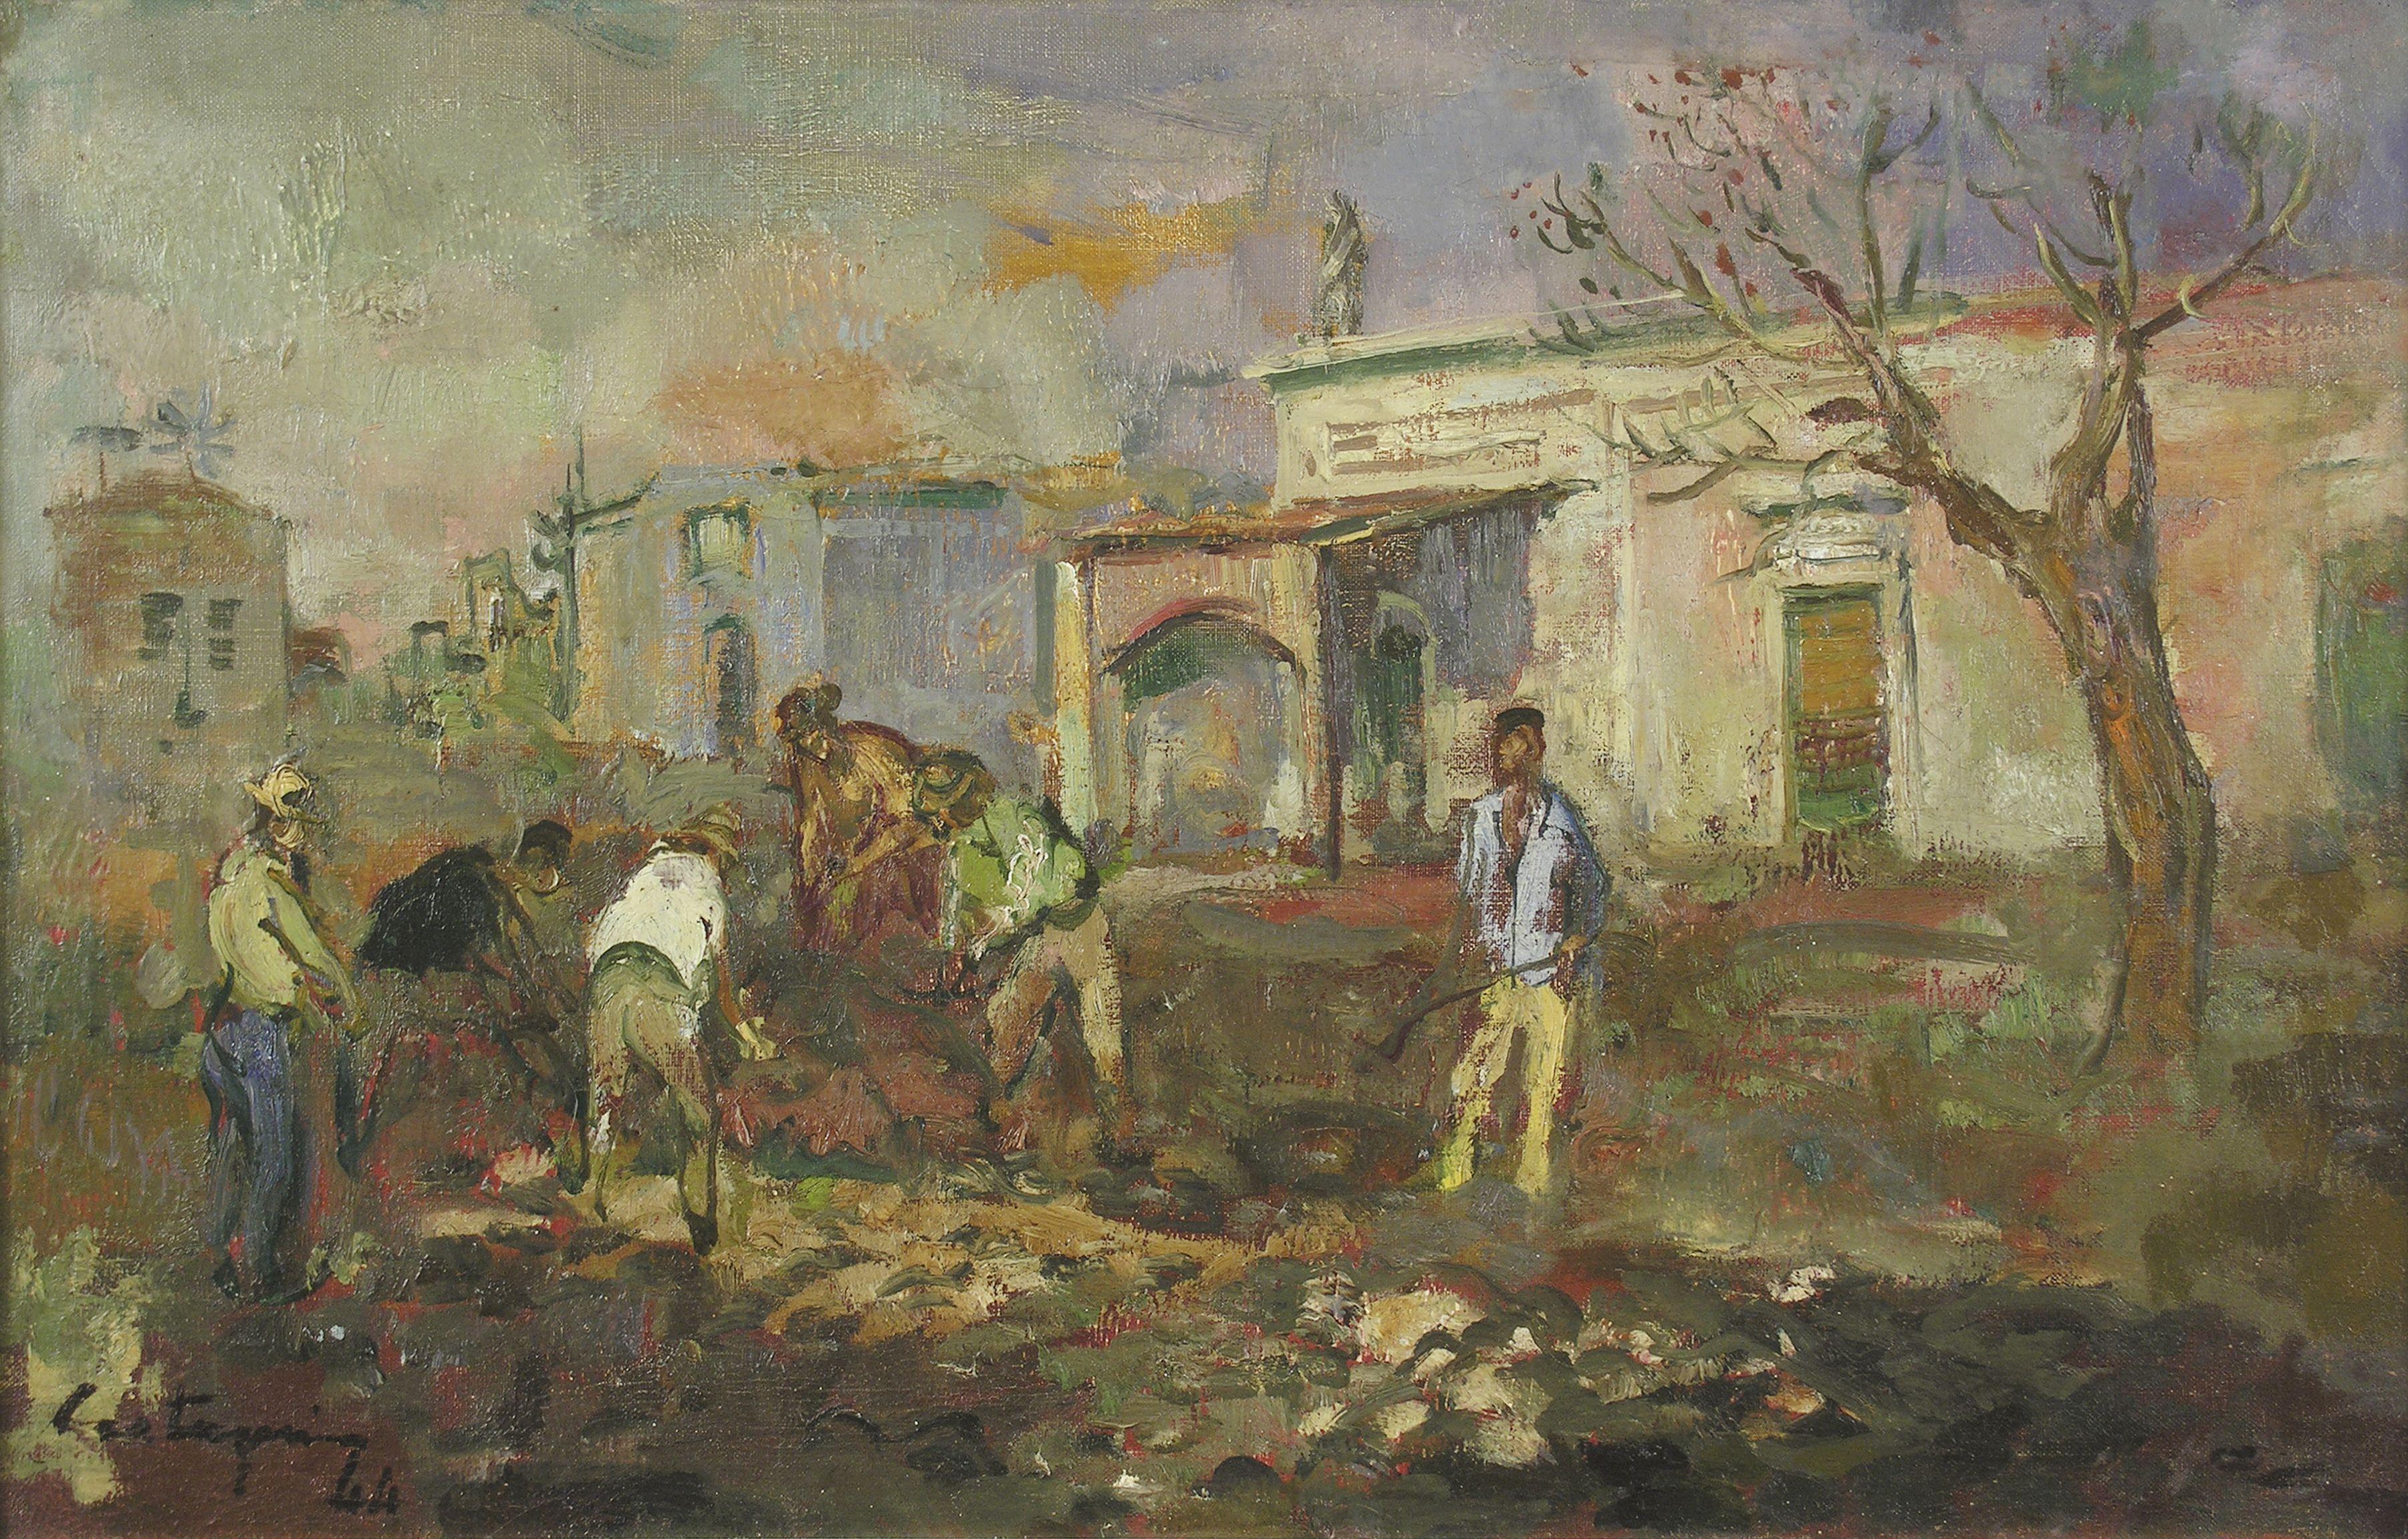 Juan Carlos Castagnino El Almacén De La Figura 1944 Artes Visuales Arte Realismo Artístico